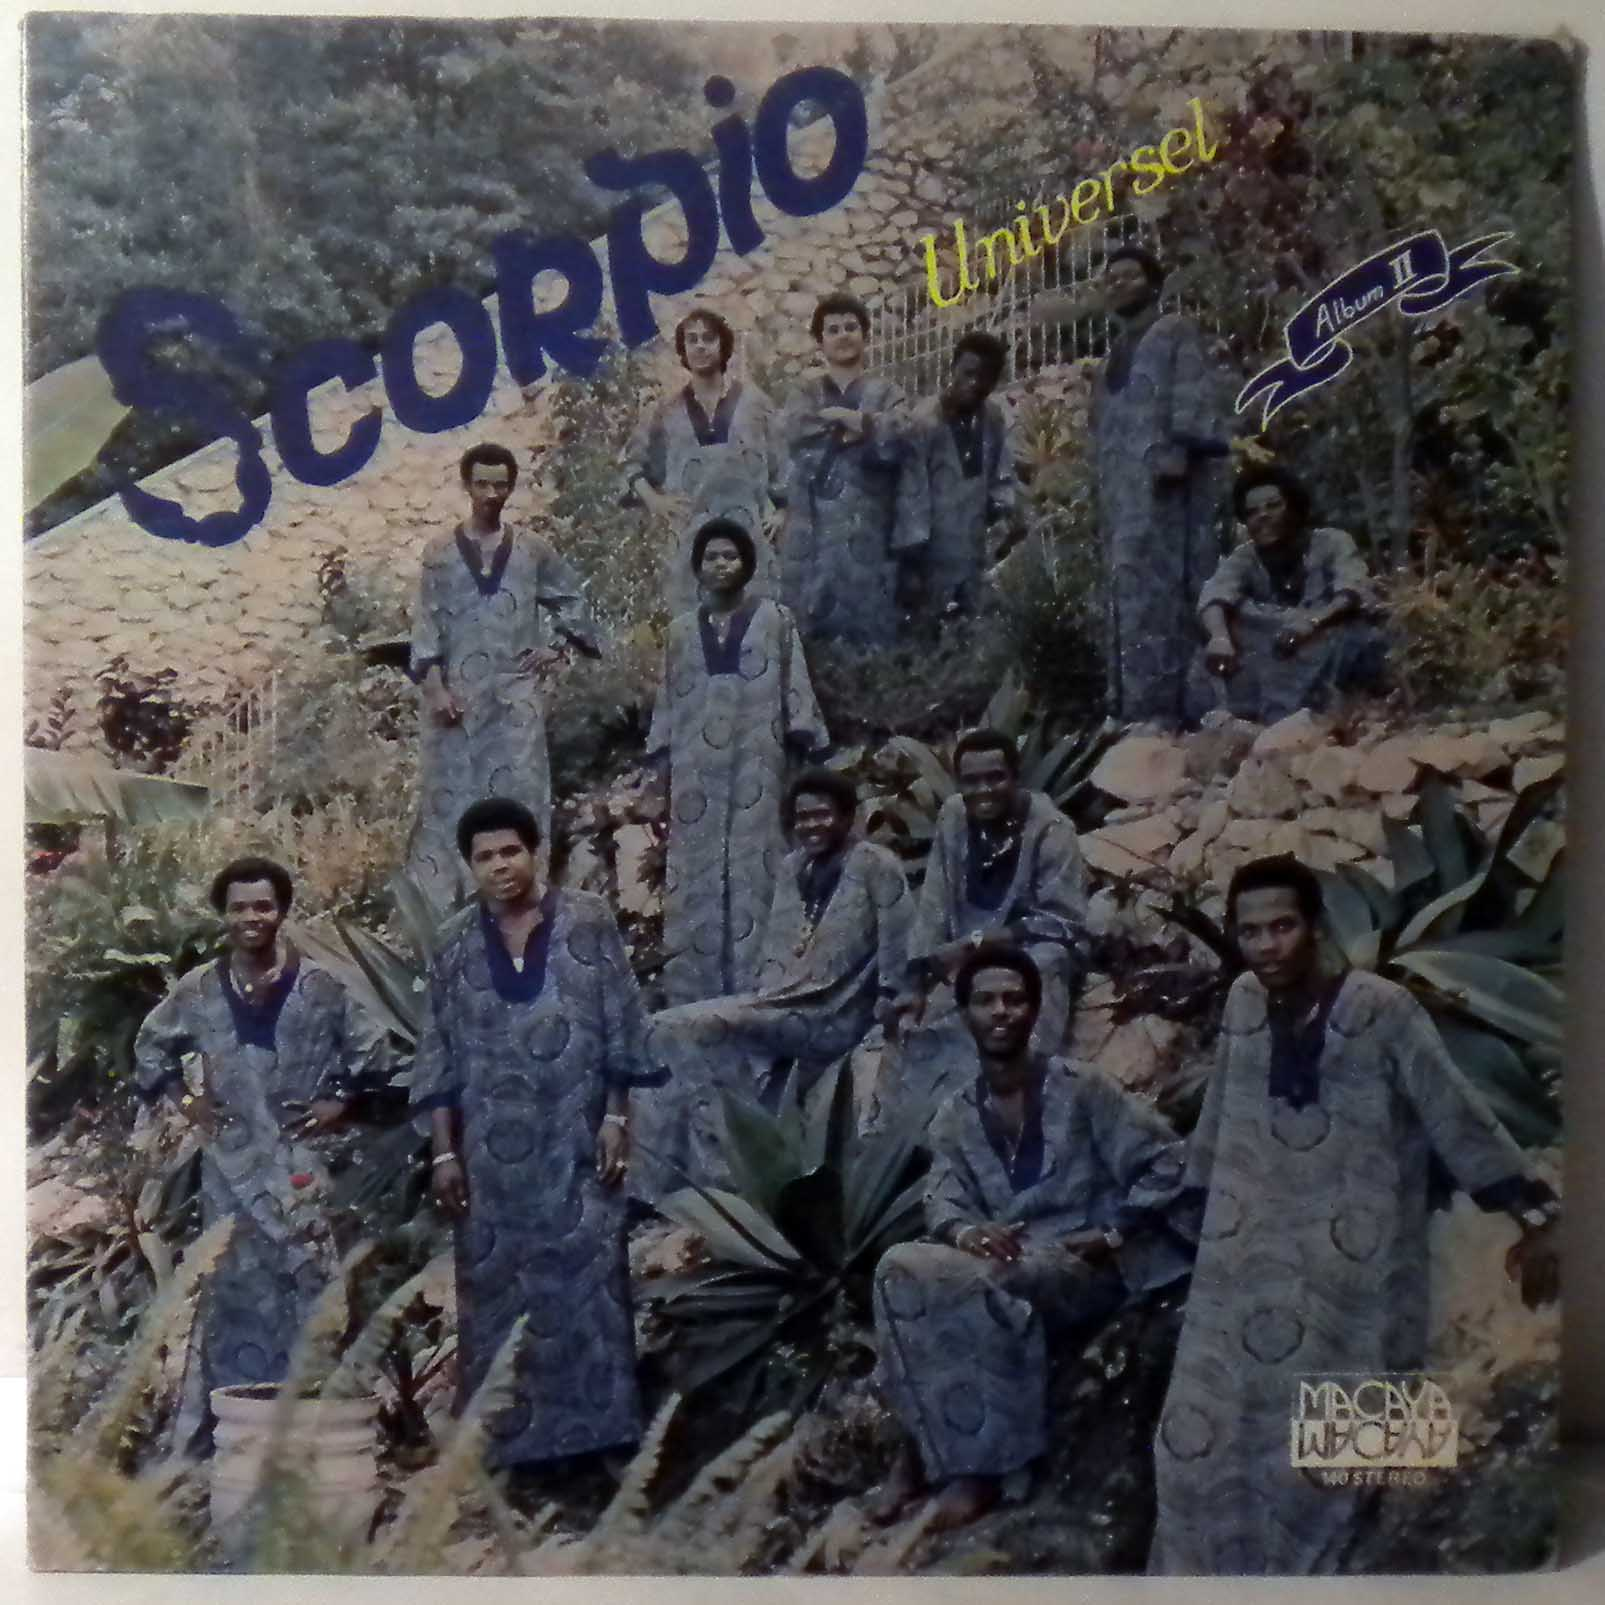 SCORPIO - Album II - LP